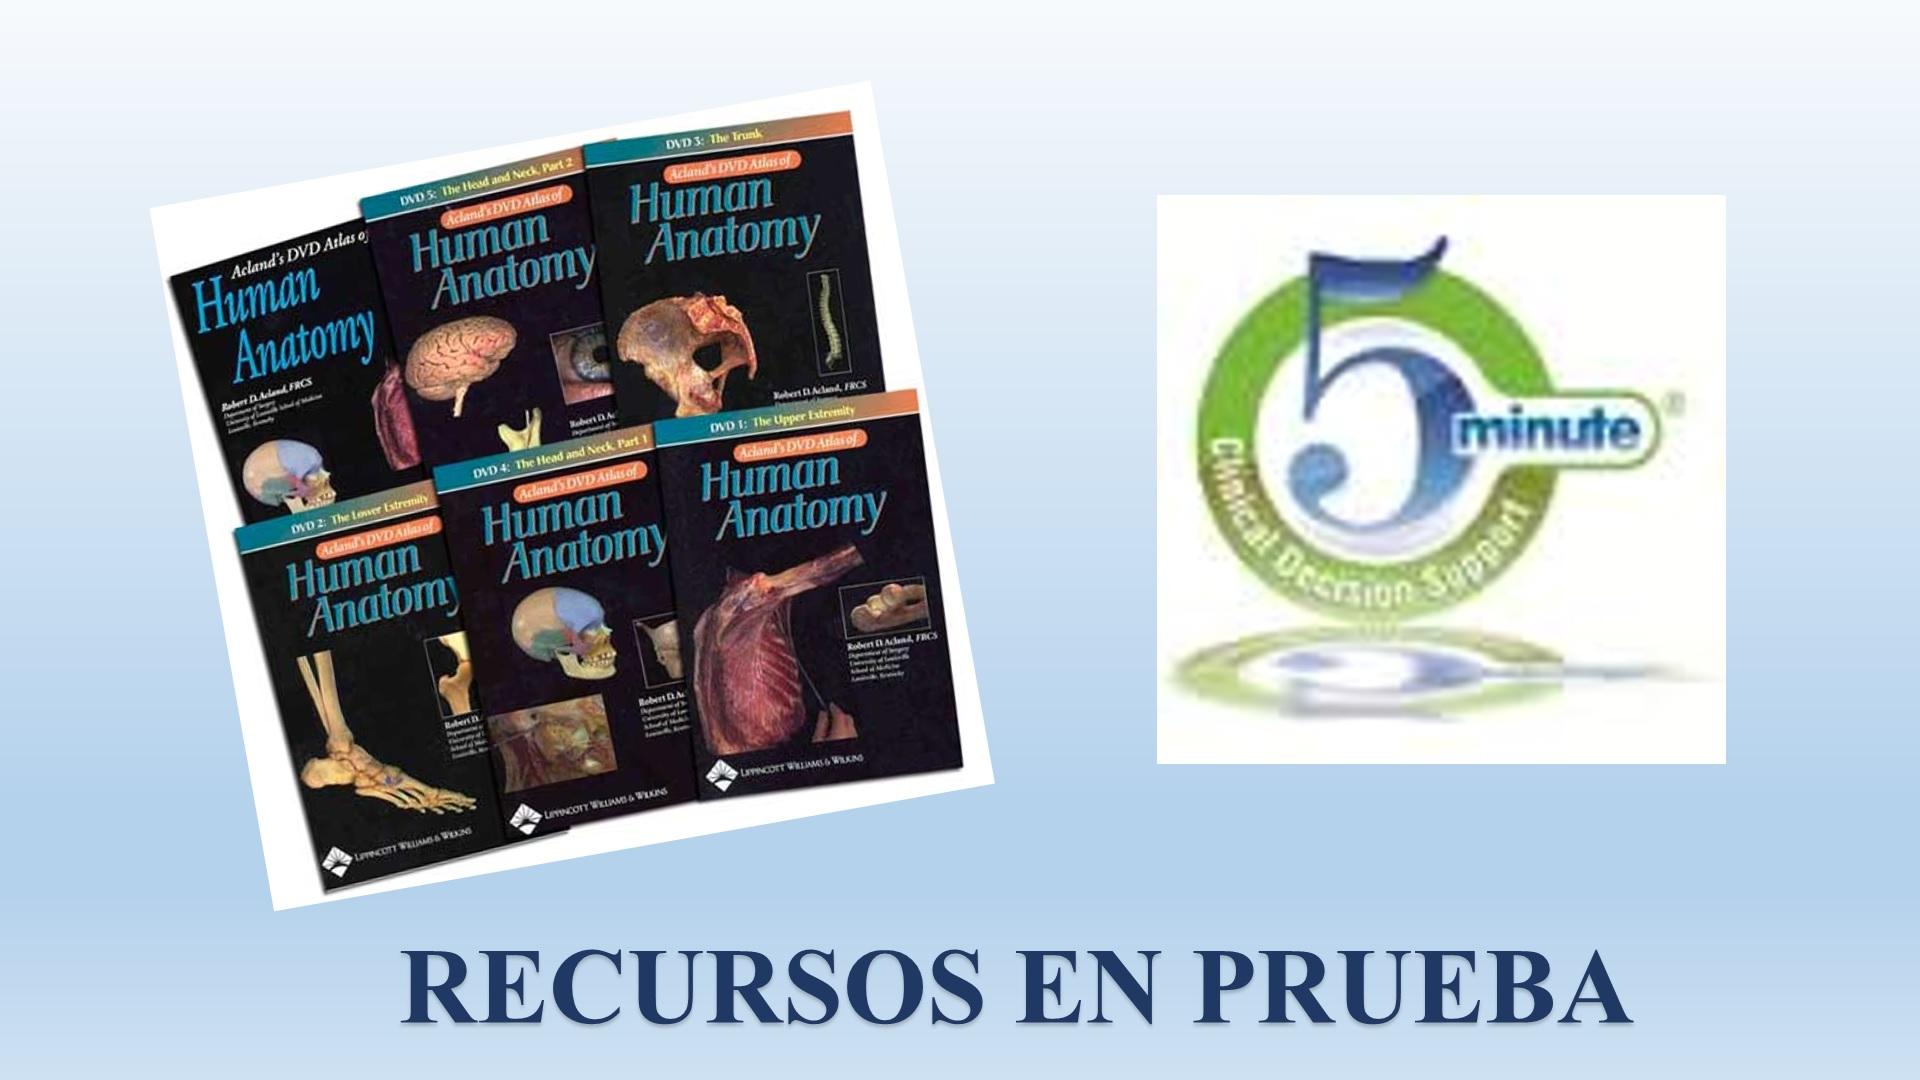 Asombroso Aclands Dvd Anatomía Cresta - Imágenes de Anatomía Humana ...